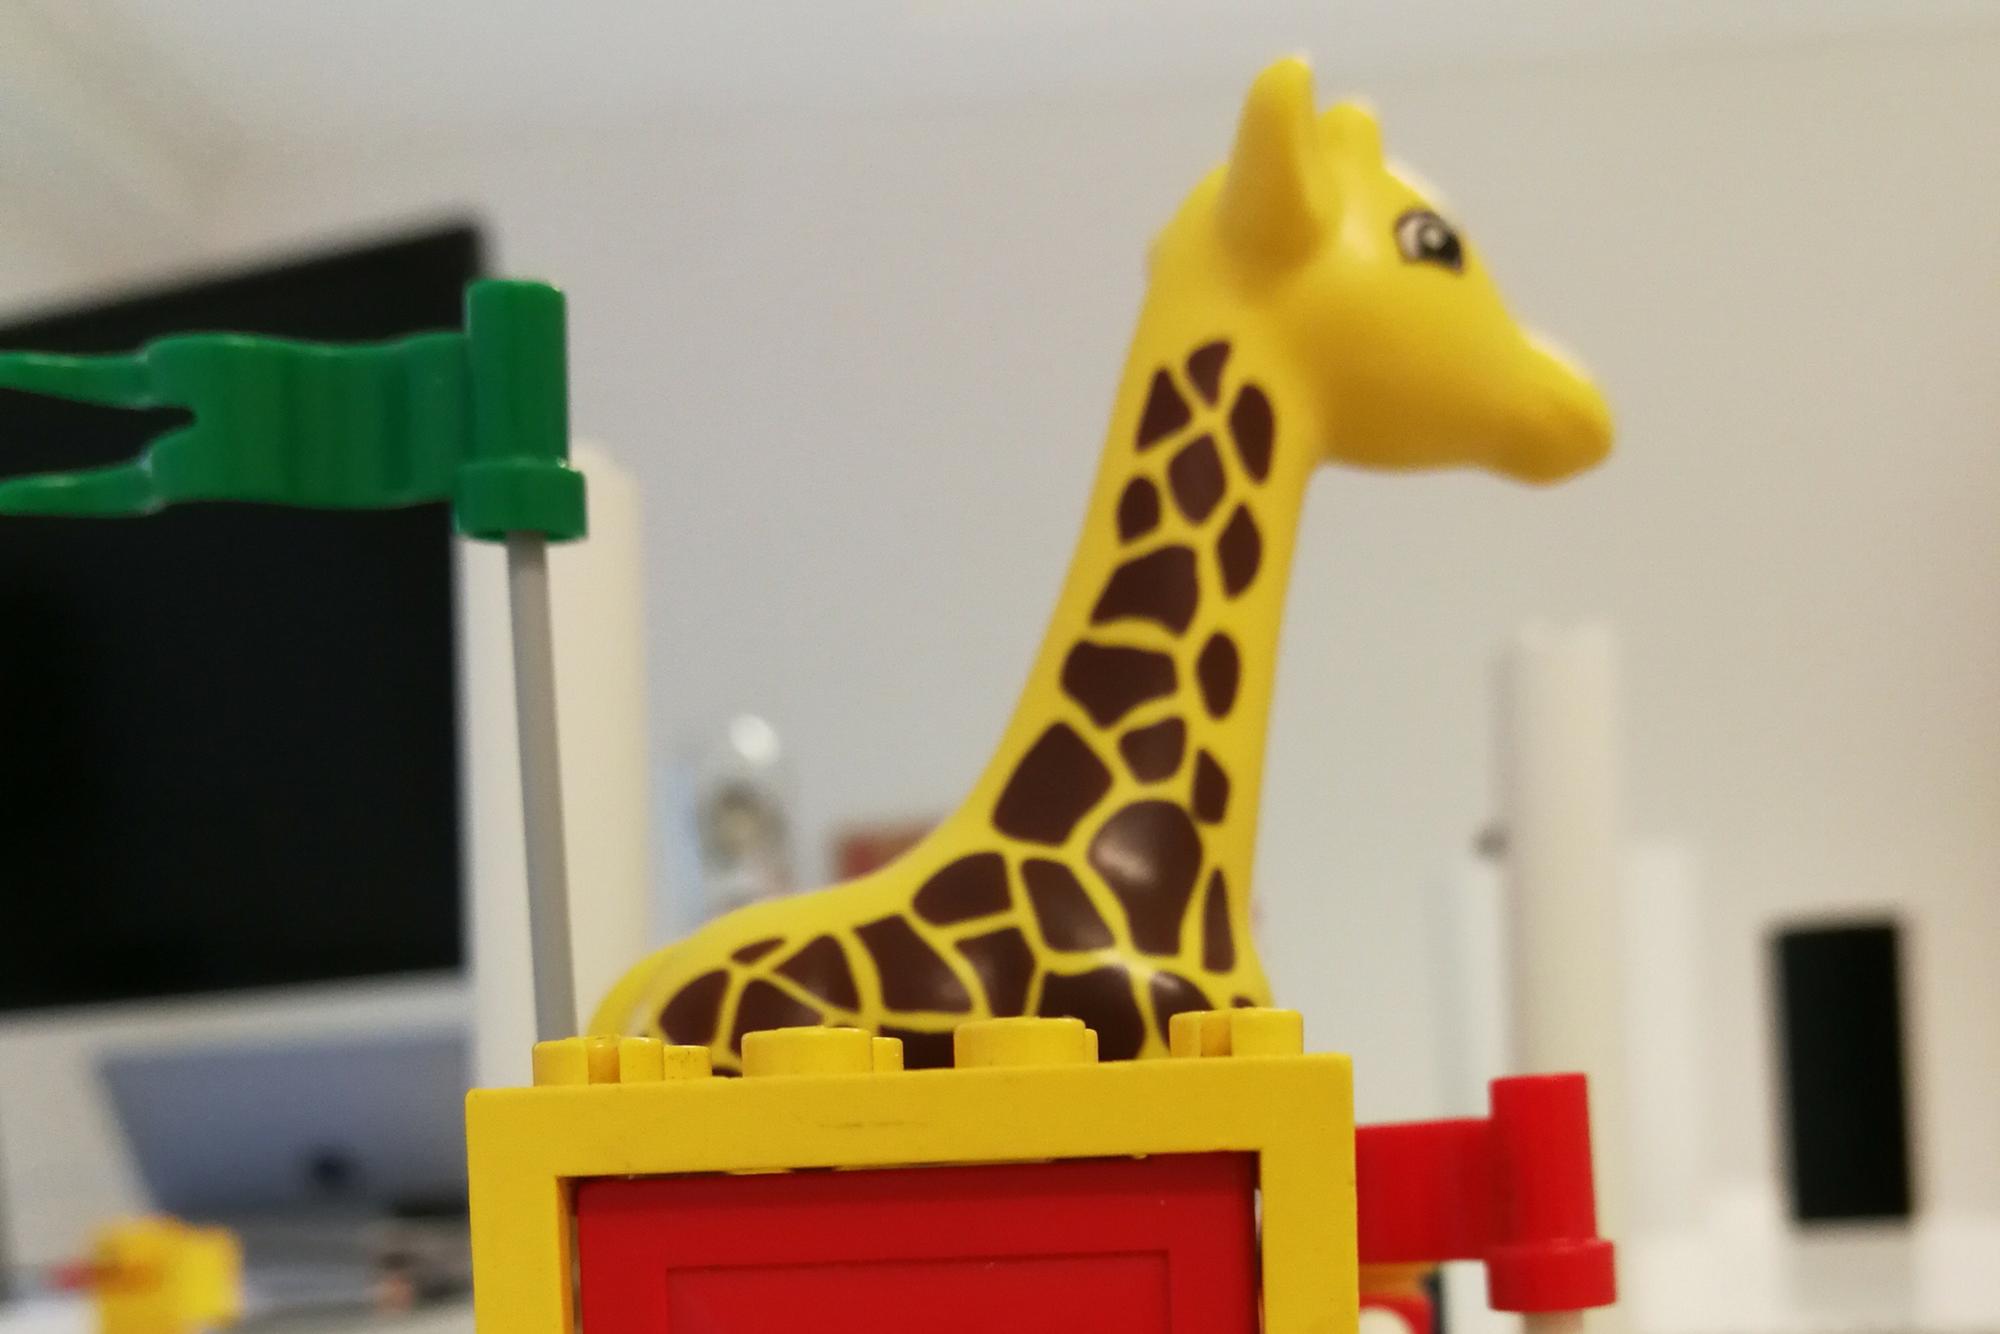 Giraffes! Giraffes everywhere!